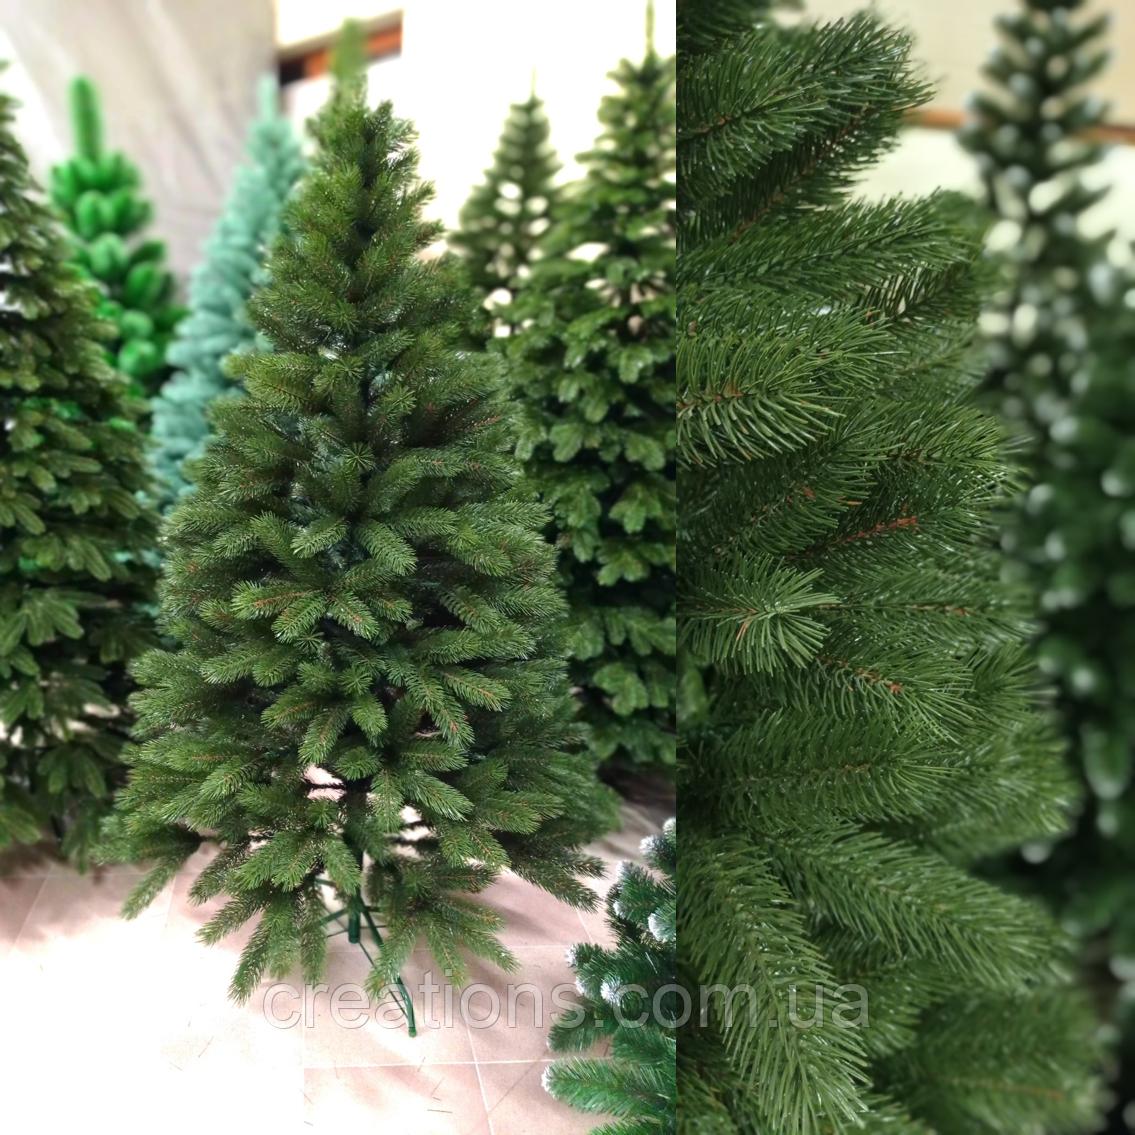 Искусственная Елка Элитная 1.8 м. литая Буковельская зеленая, реалистичная новогодняя, натуральная